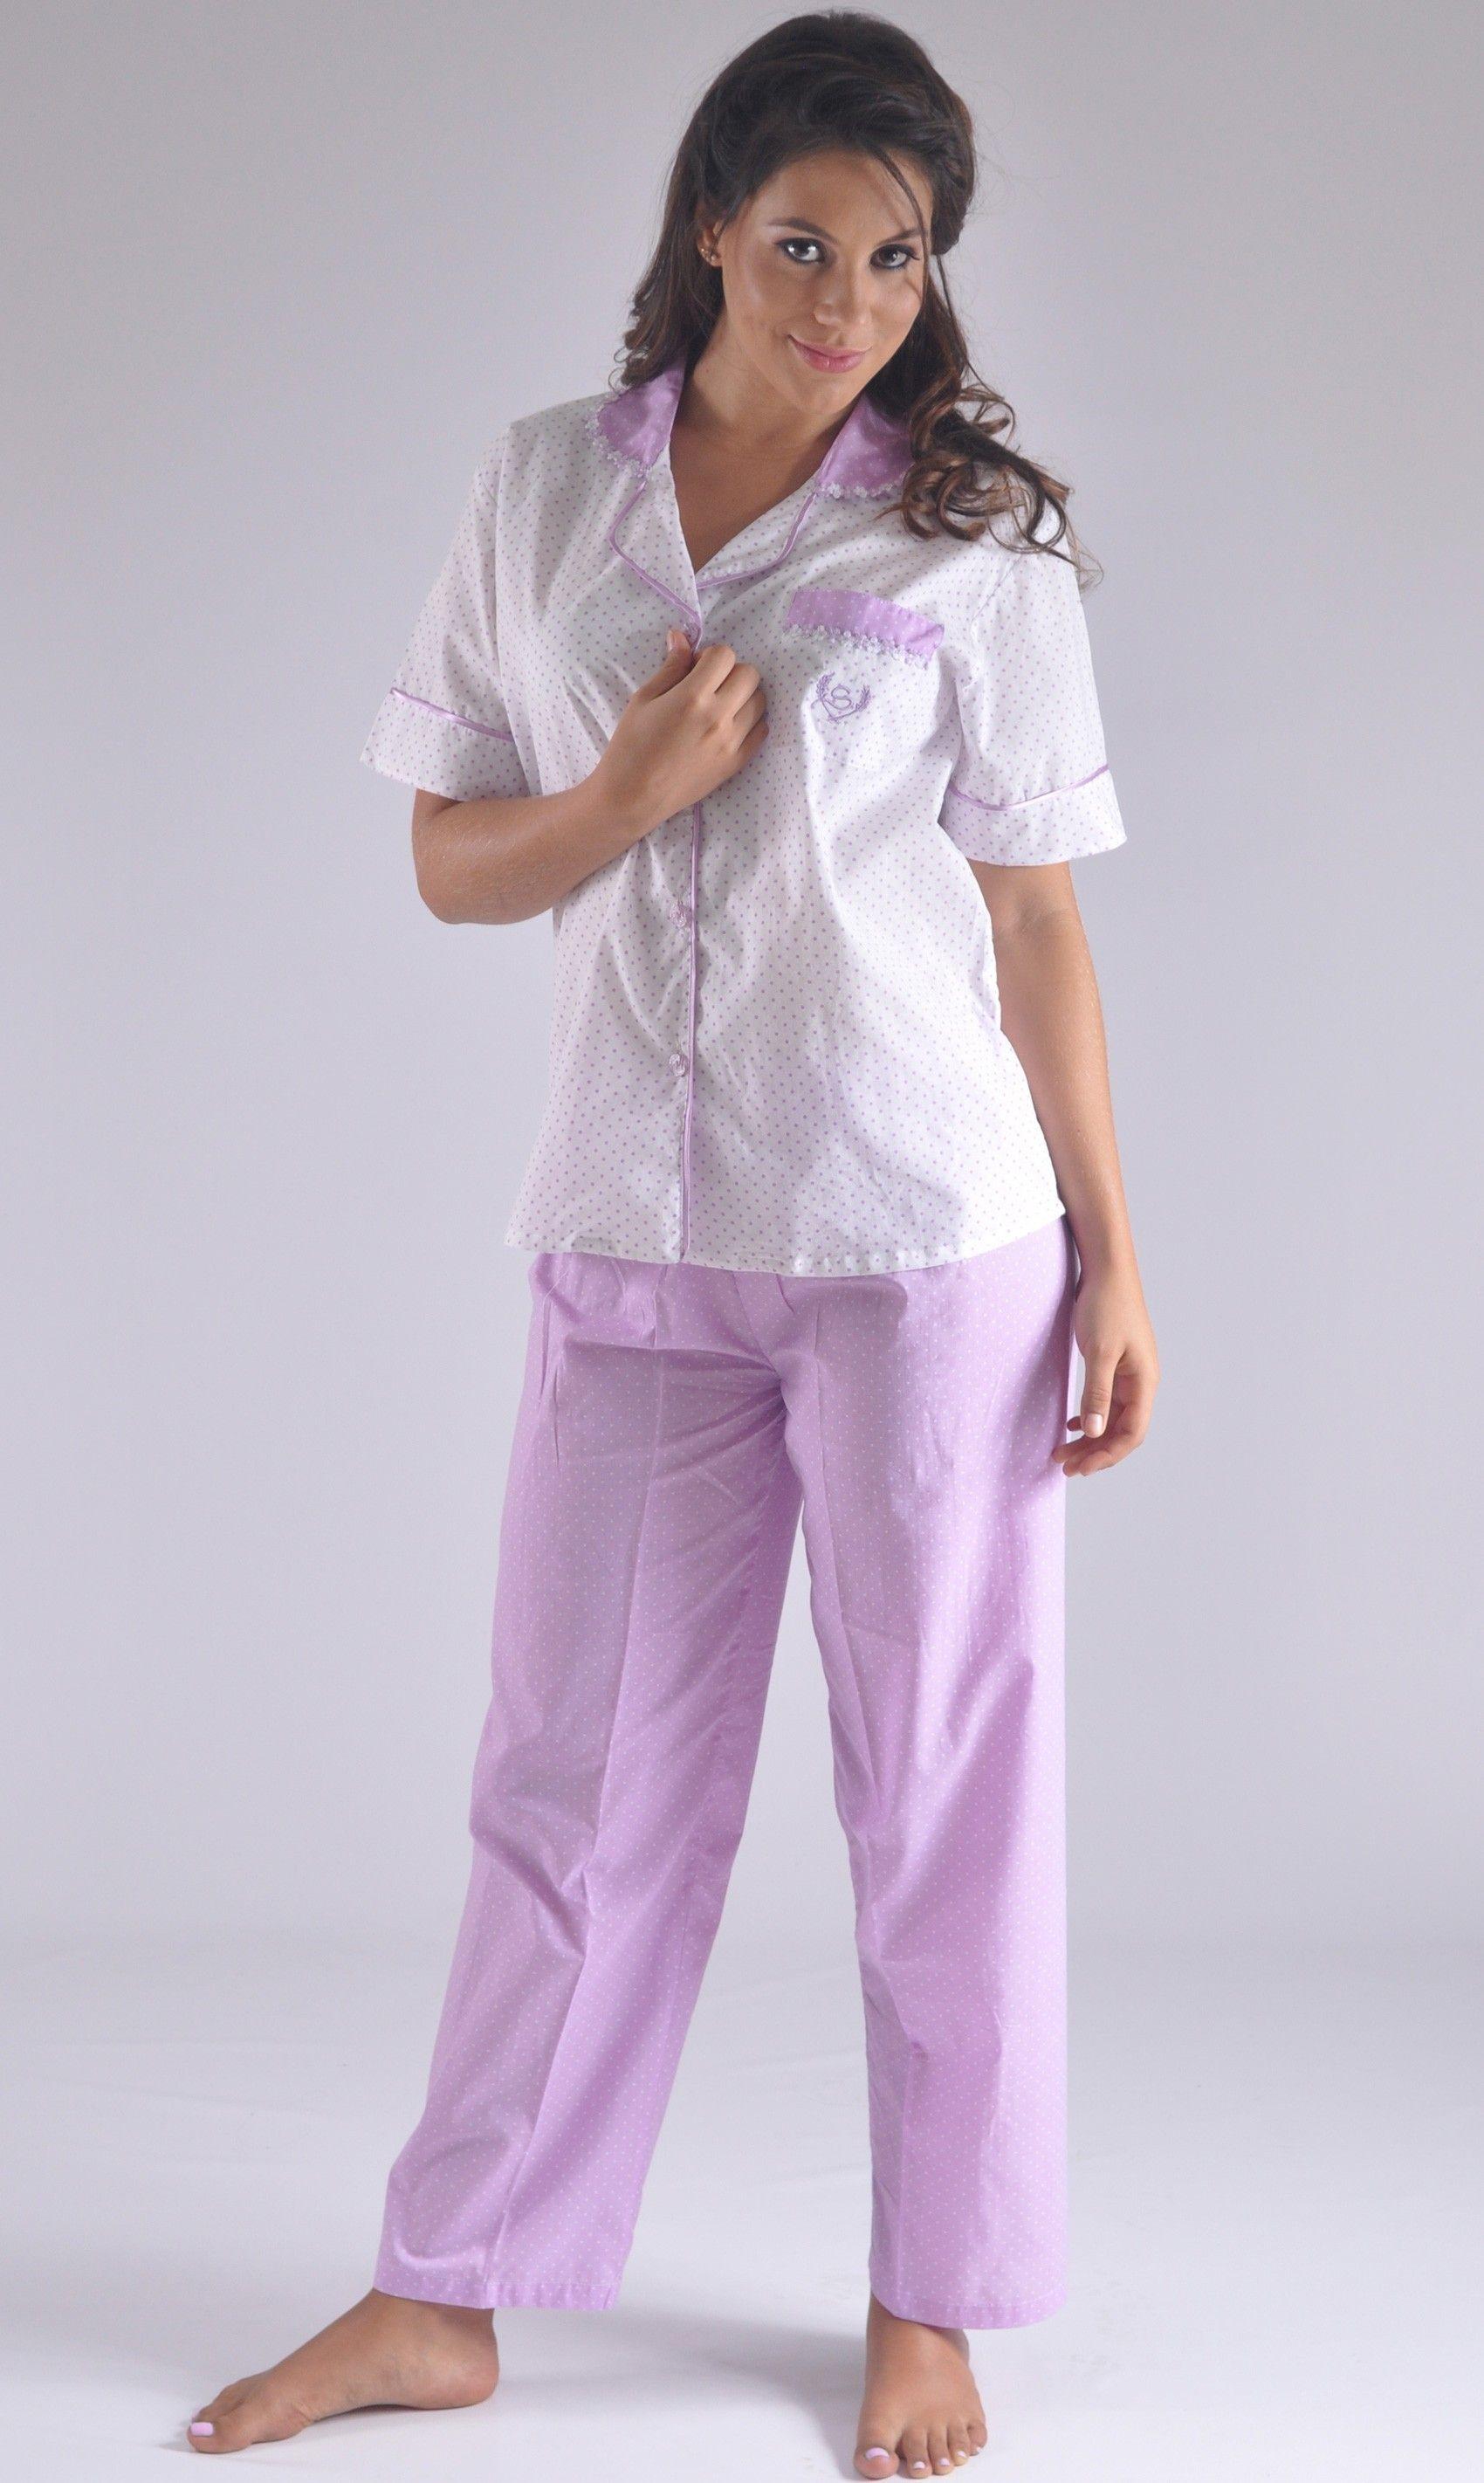 d80c1fbff Pijama pantalon largo mujer manga corta Colombia